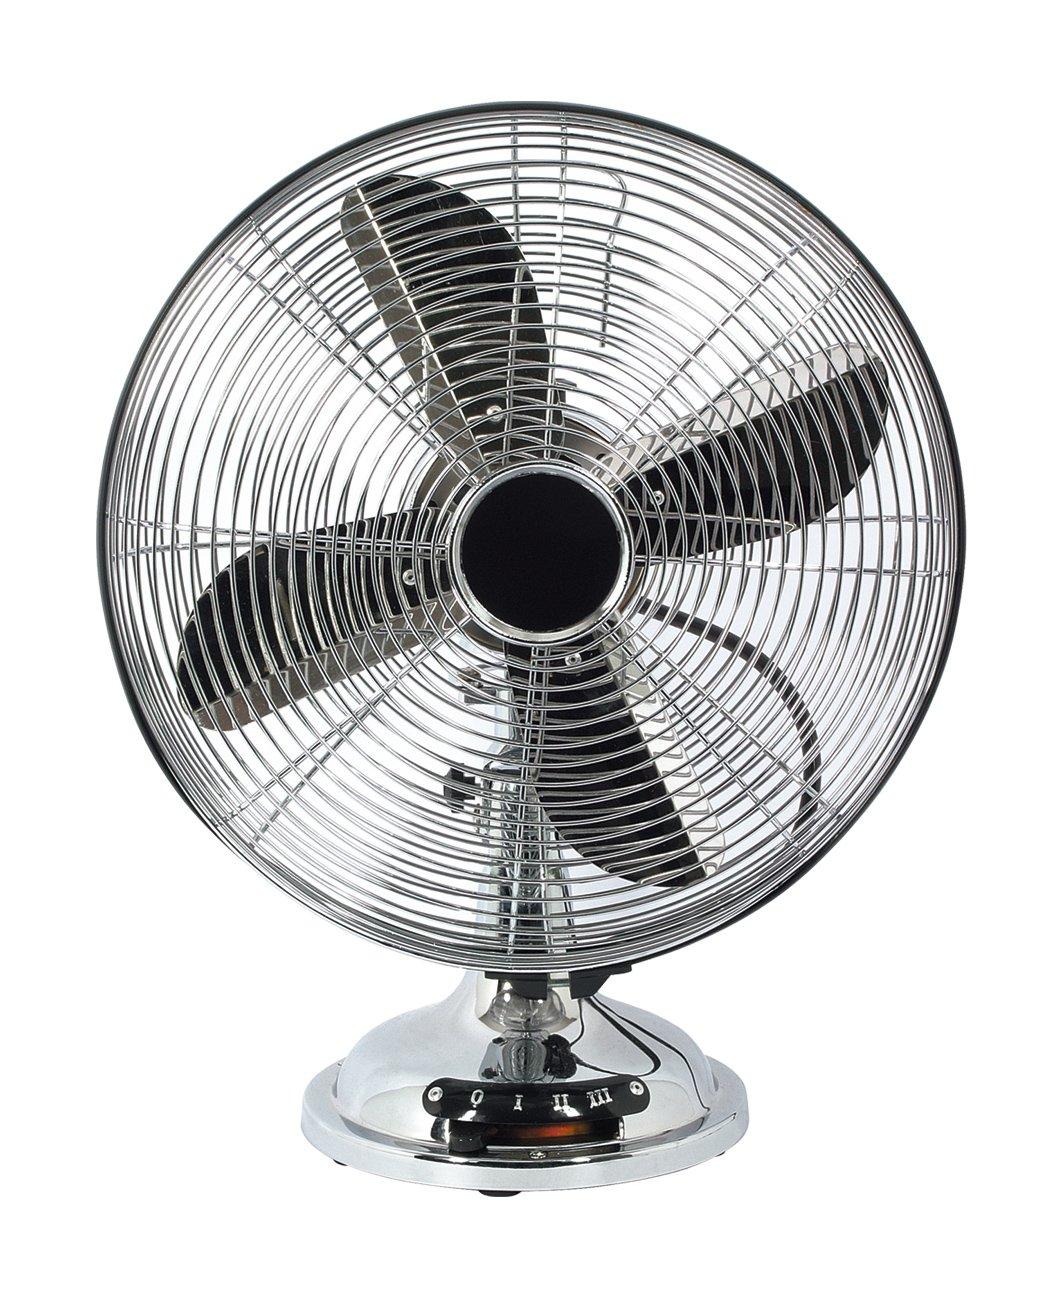 Ventilatori l 39 aria fresca del design cose di casa for Ventilatore da soffitto silenzioso